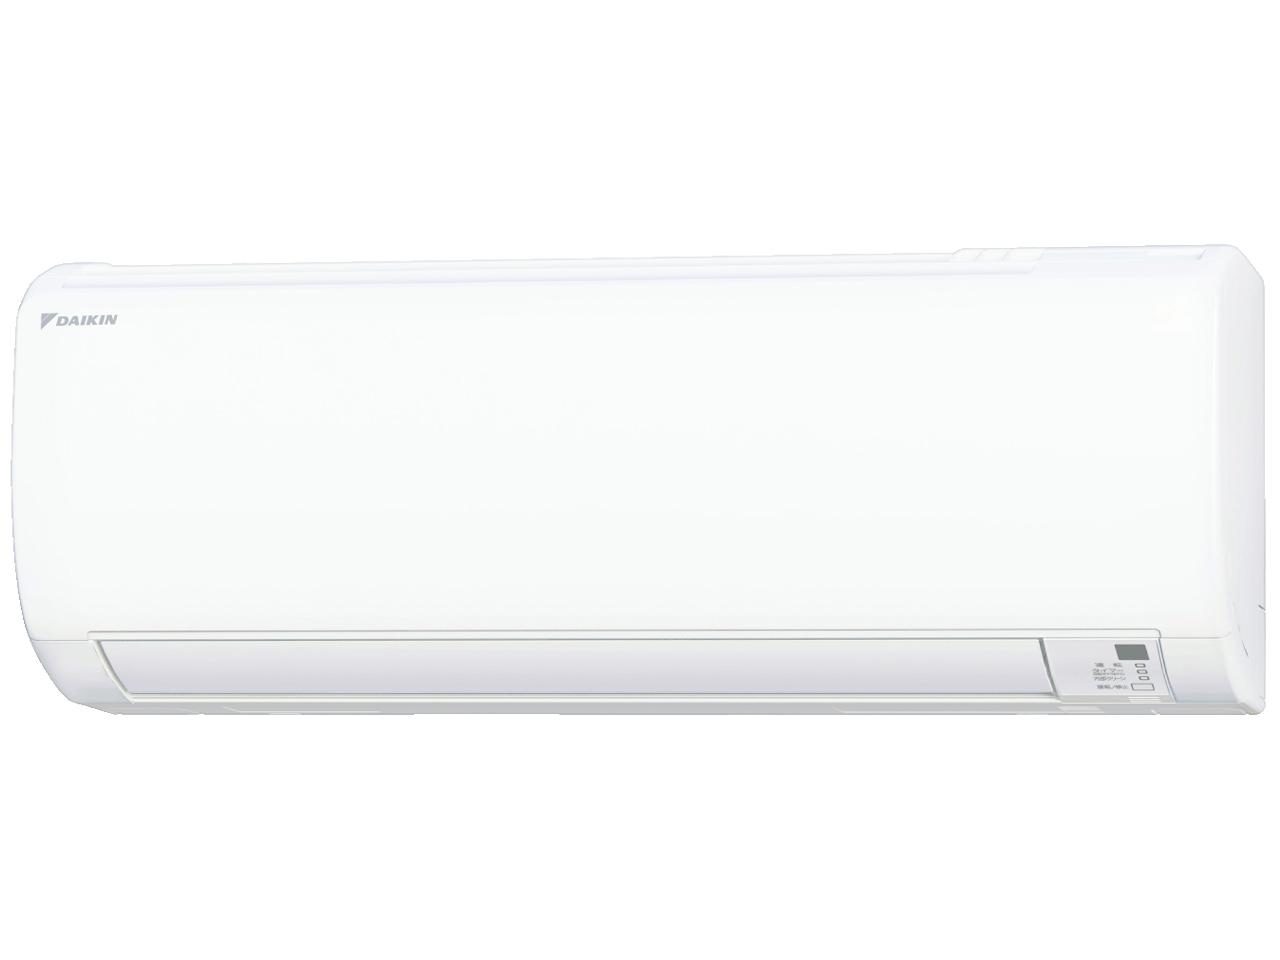 ダイキン 19年モデル 19年モデル ダイキン Eシリーズ S25WTES-W S25WTES-W【100V用】8畳用冷暖房除湿エアコン, SPEED AUTO PARTS:15d74202 --- officewill.xsrv.jp